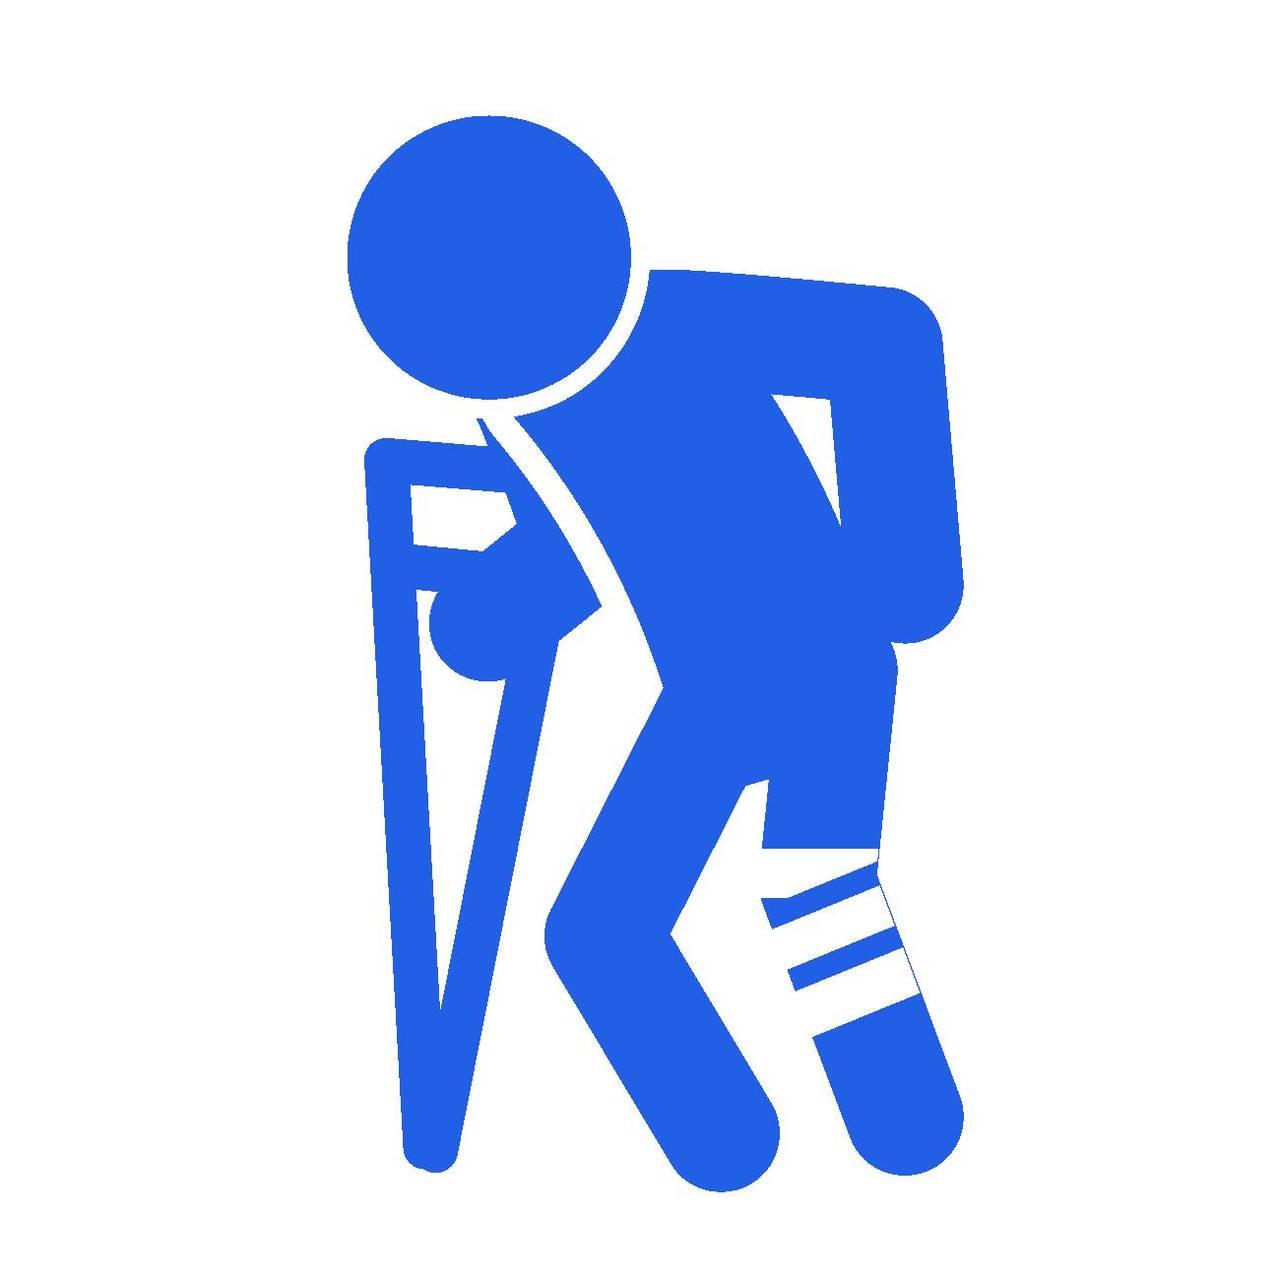 V6坂本、「ファンのせいで足をケガした」デマを訂正 「自分の不注意。V6のファンは礼儀正しい」